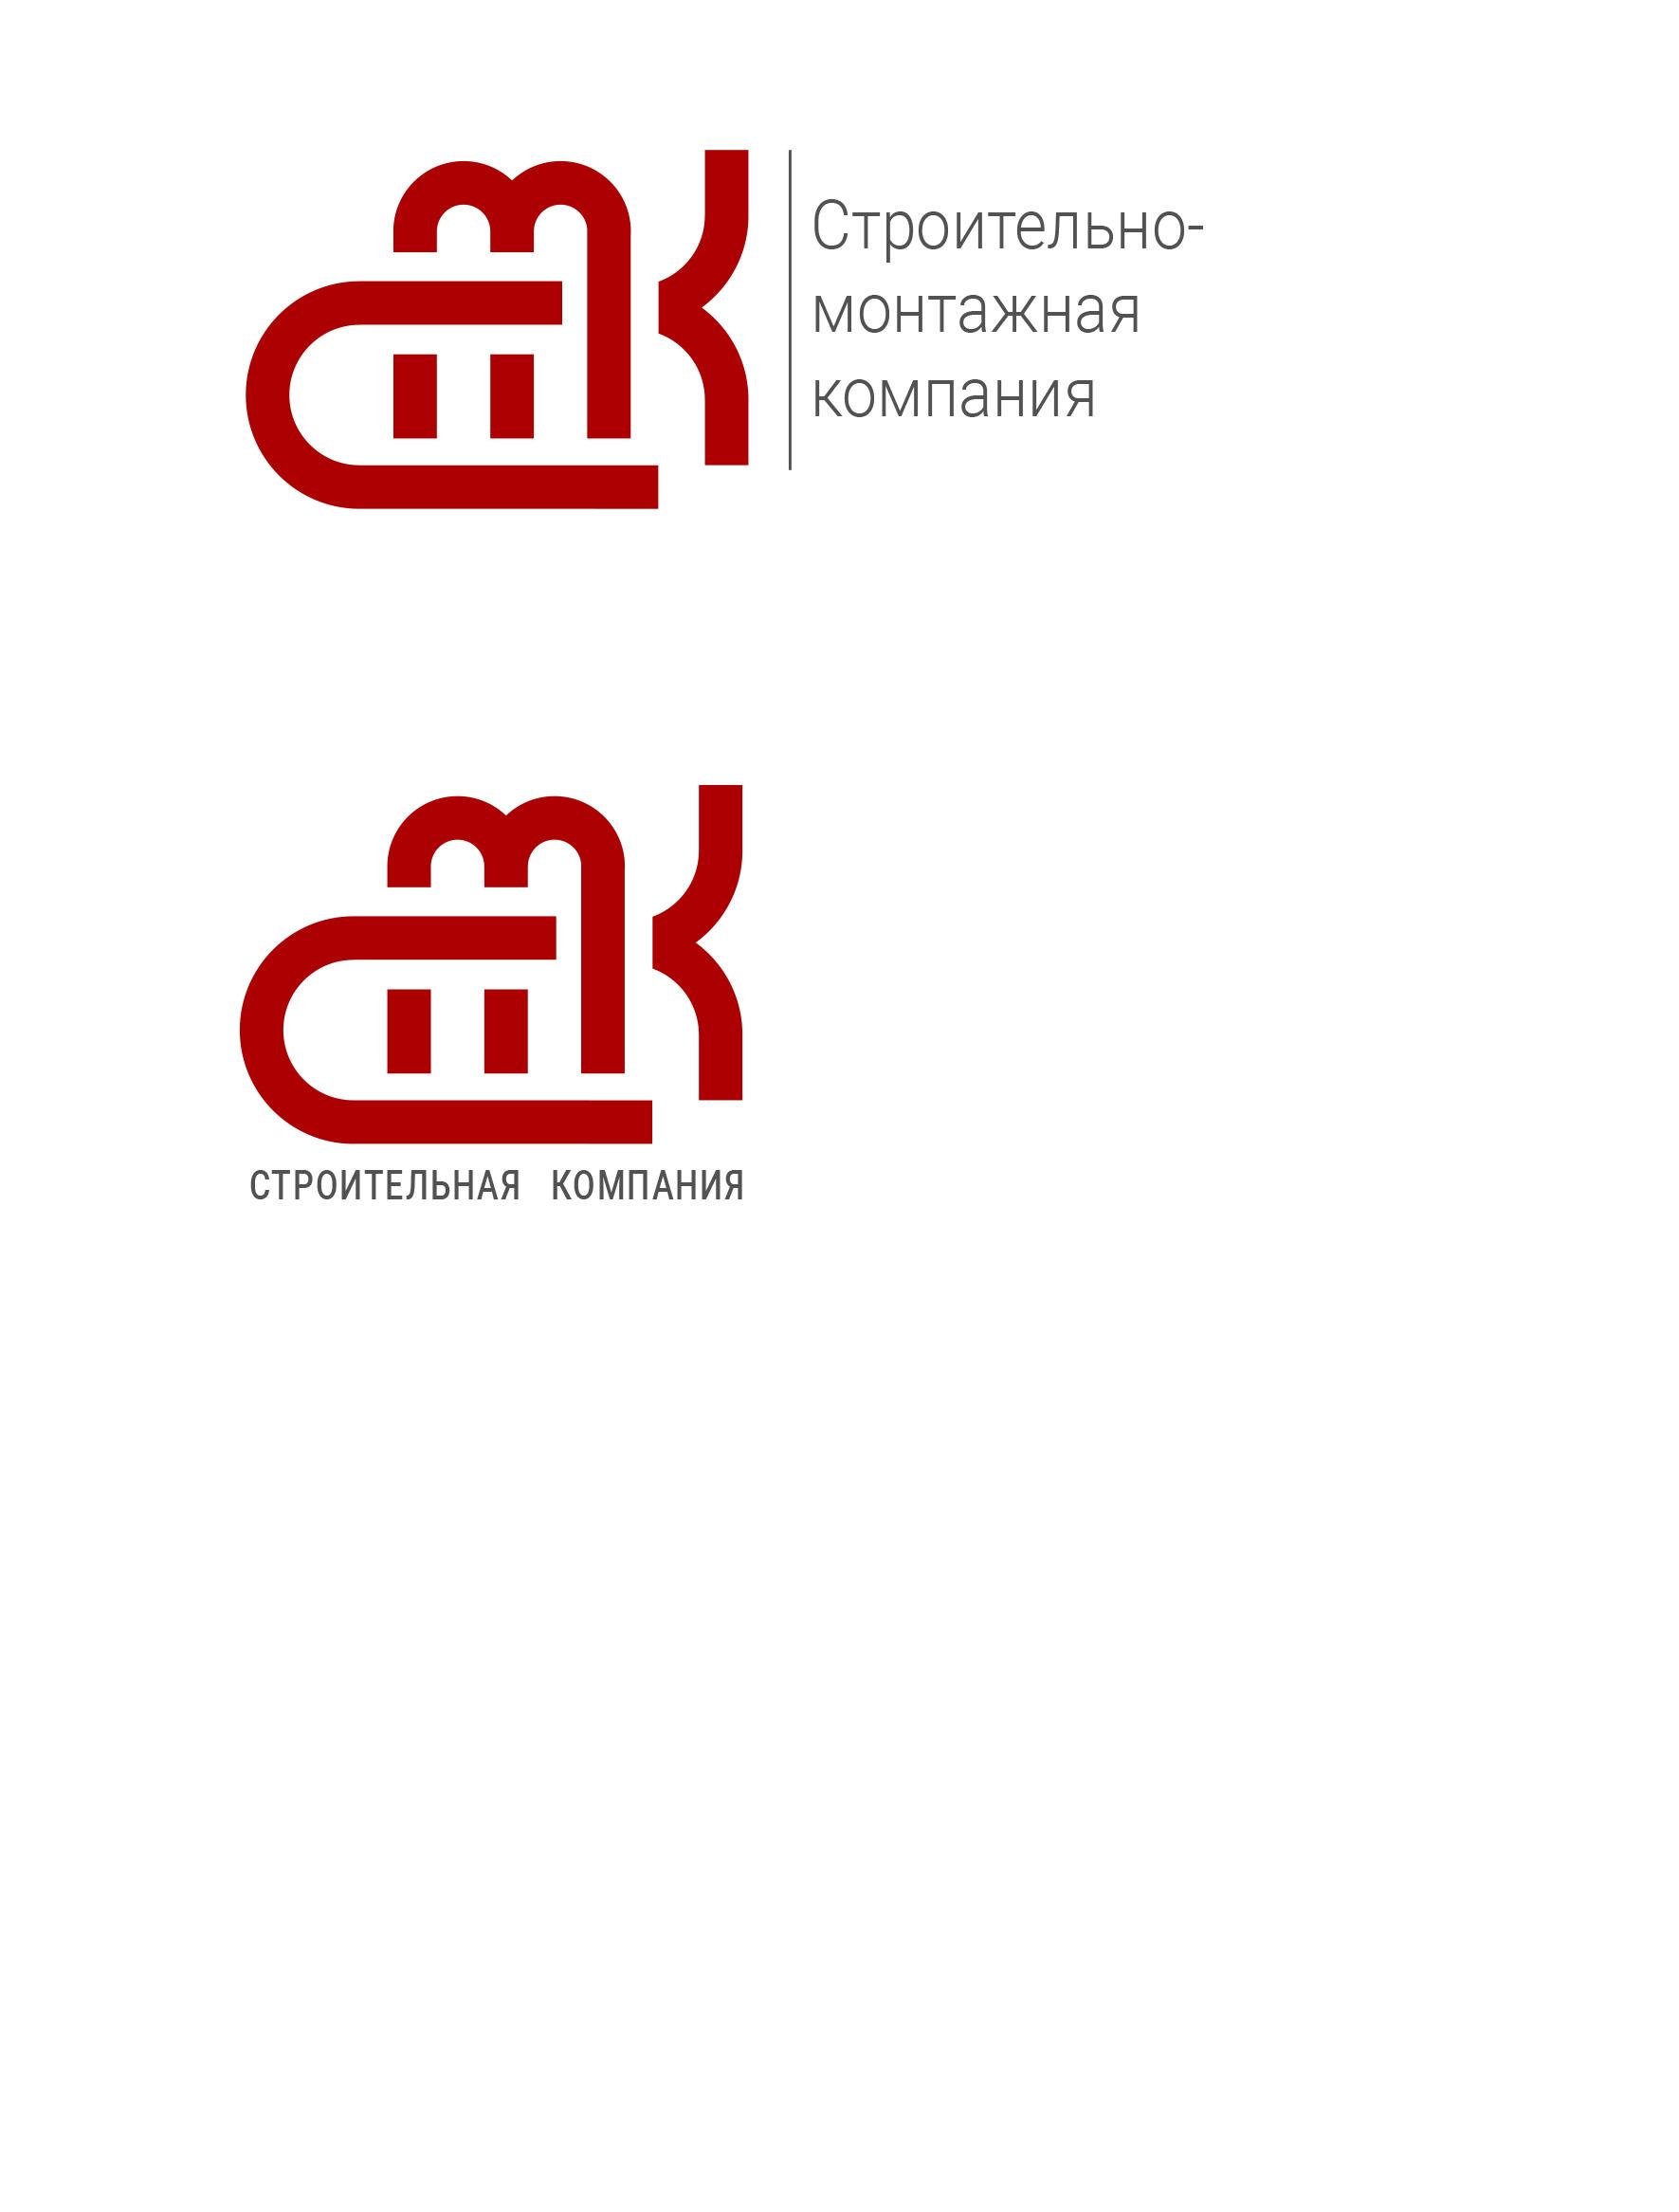 Разработка логотипа компании фото f_9485dd6243c714f0.jpg